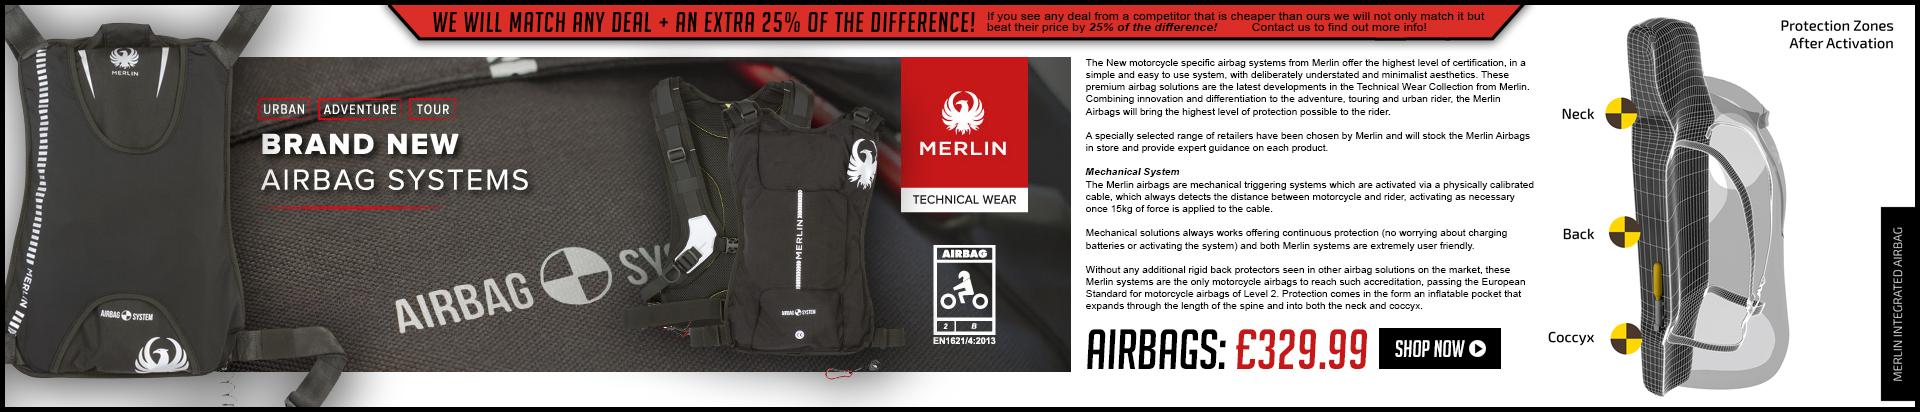 Merlin Airbags